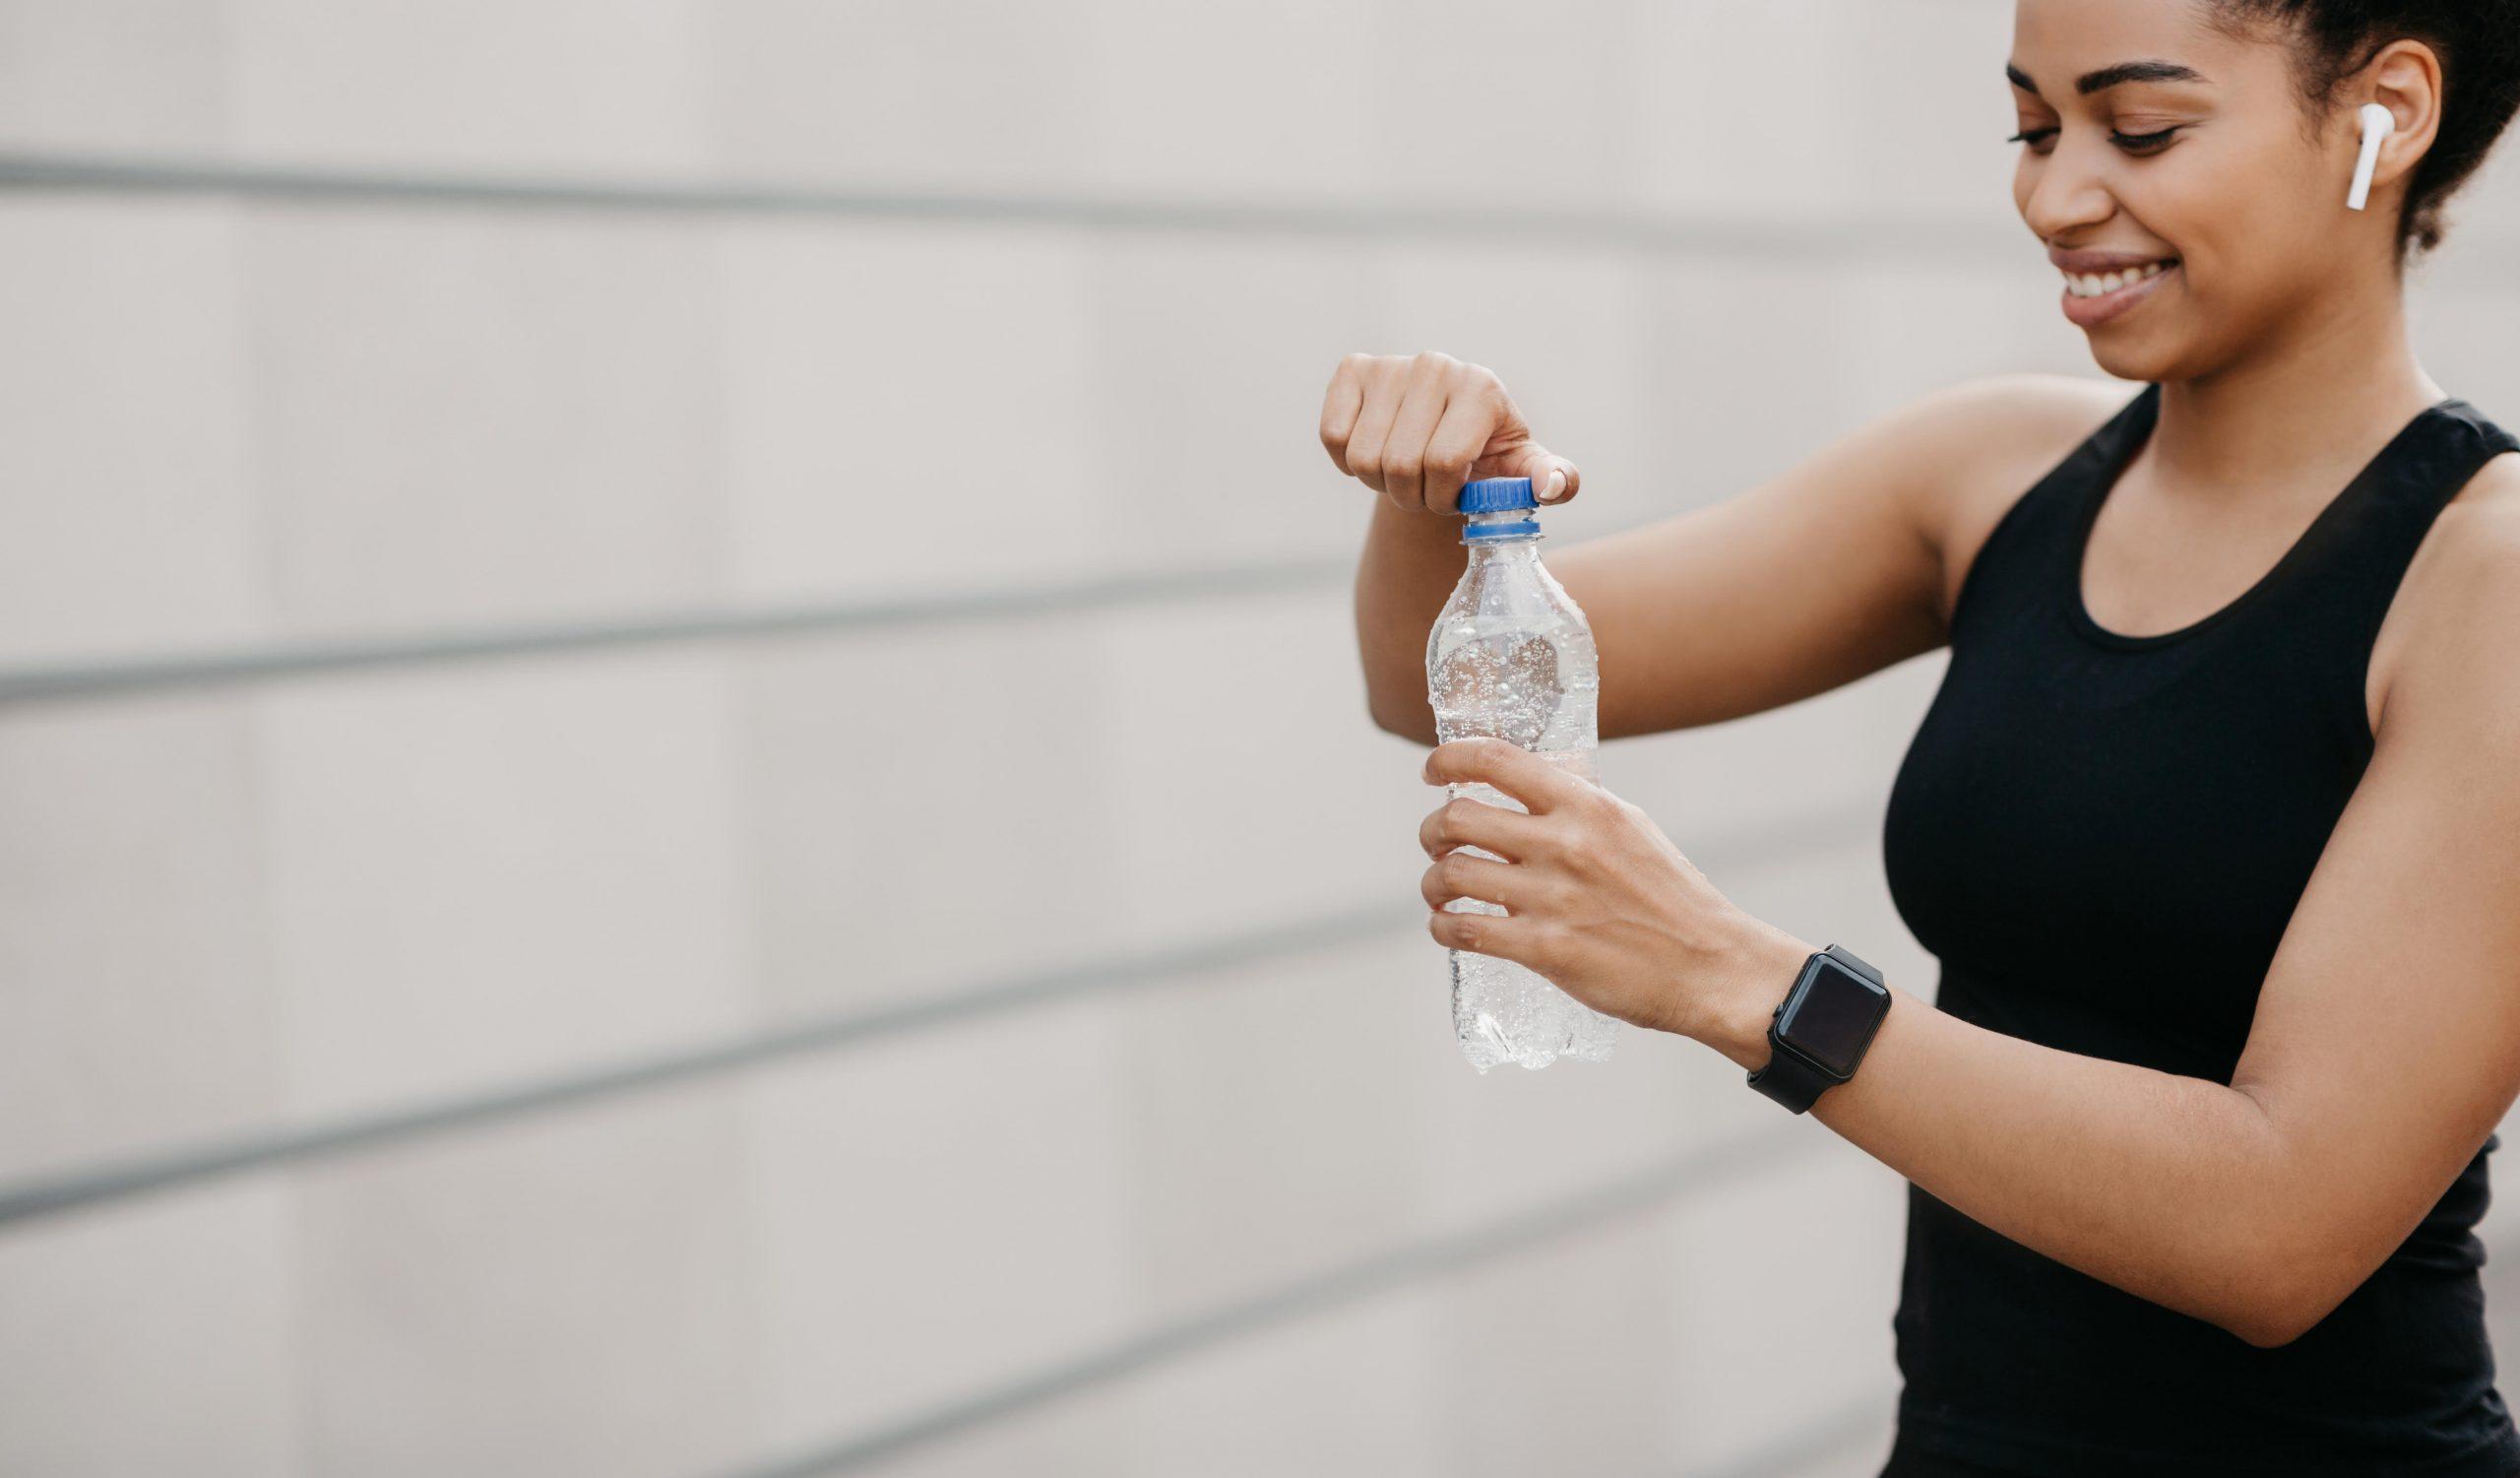 ¿Cuál es la repercusión del agua en nuestra vida y nuestro cuerpo?